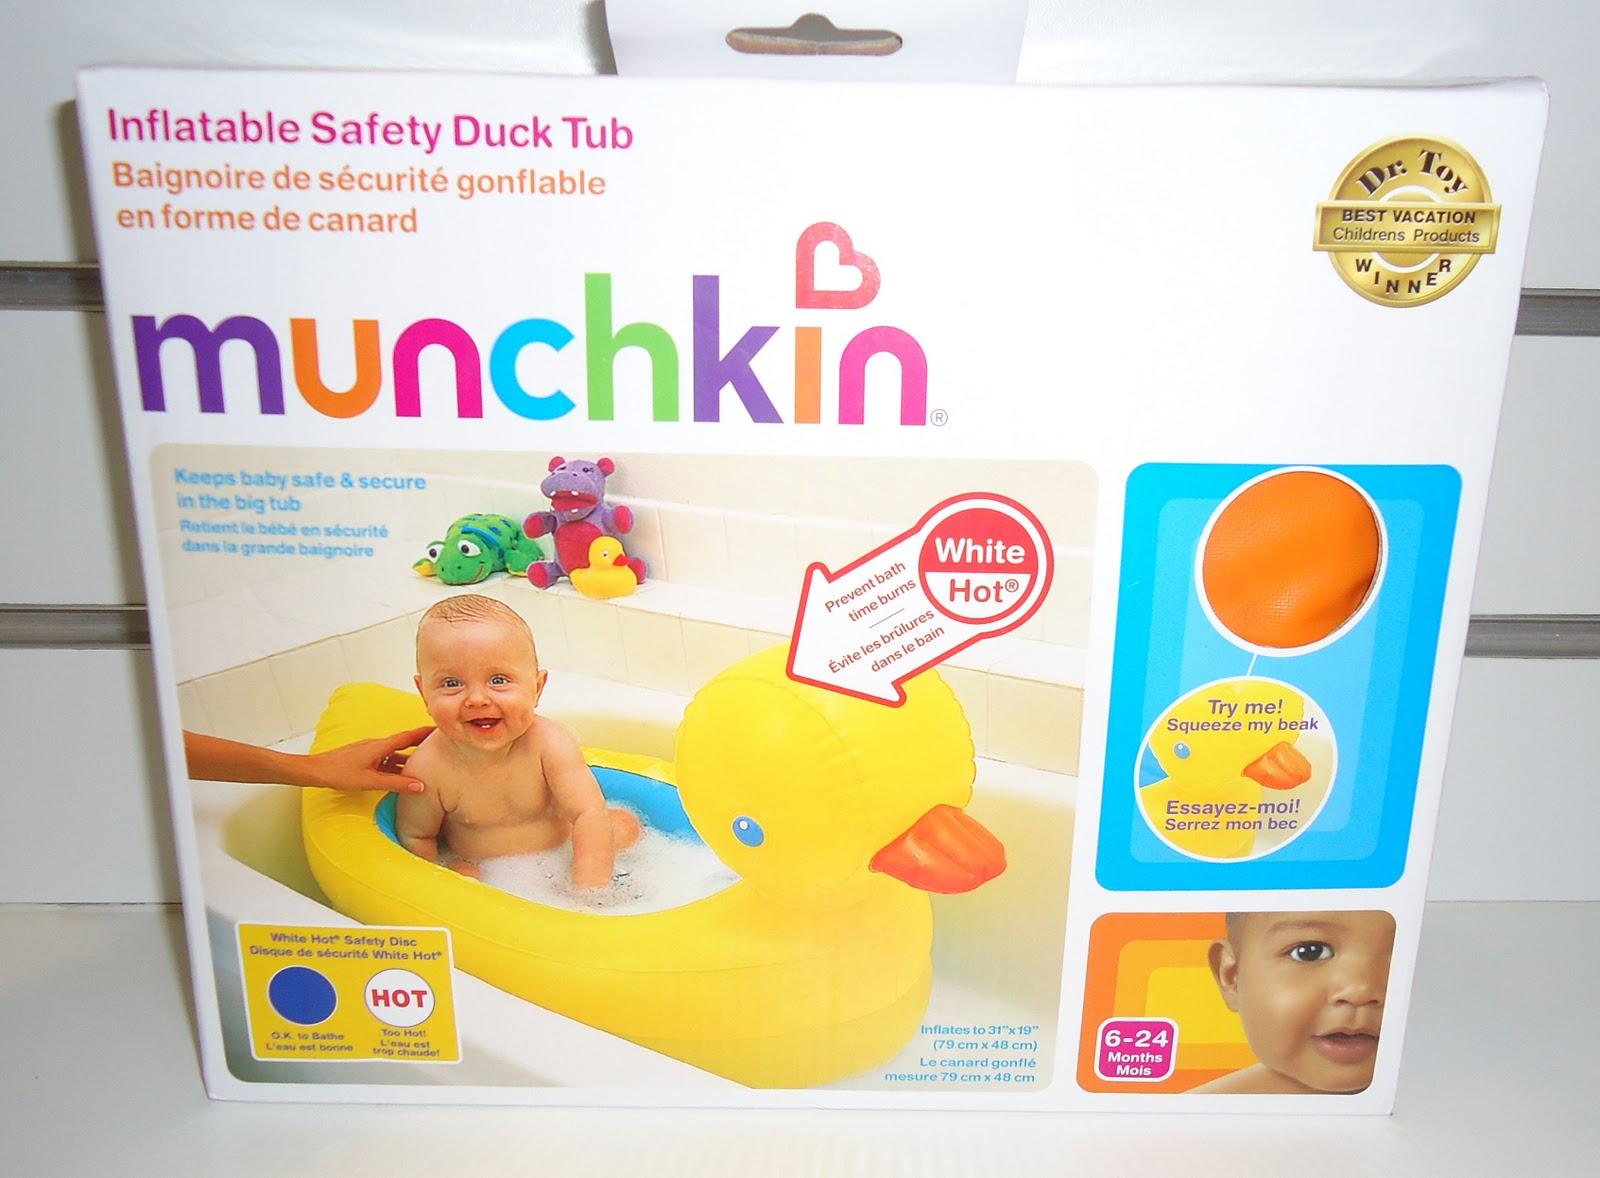 Banheira Portátil Flexi Bath disponível em várias cores na Loja  #039DC8 1600x1178 Banheira Inflavel Banheiro